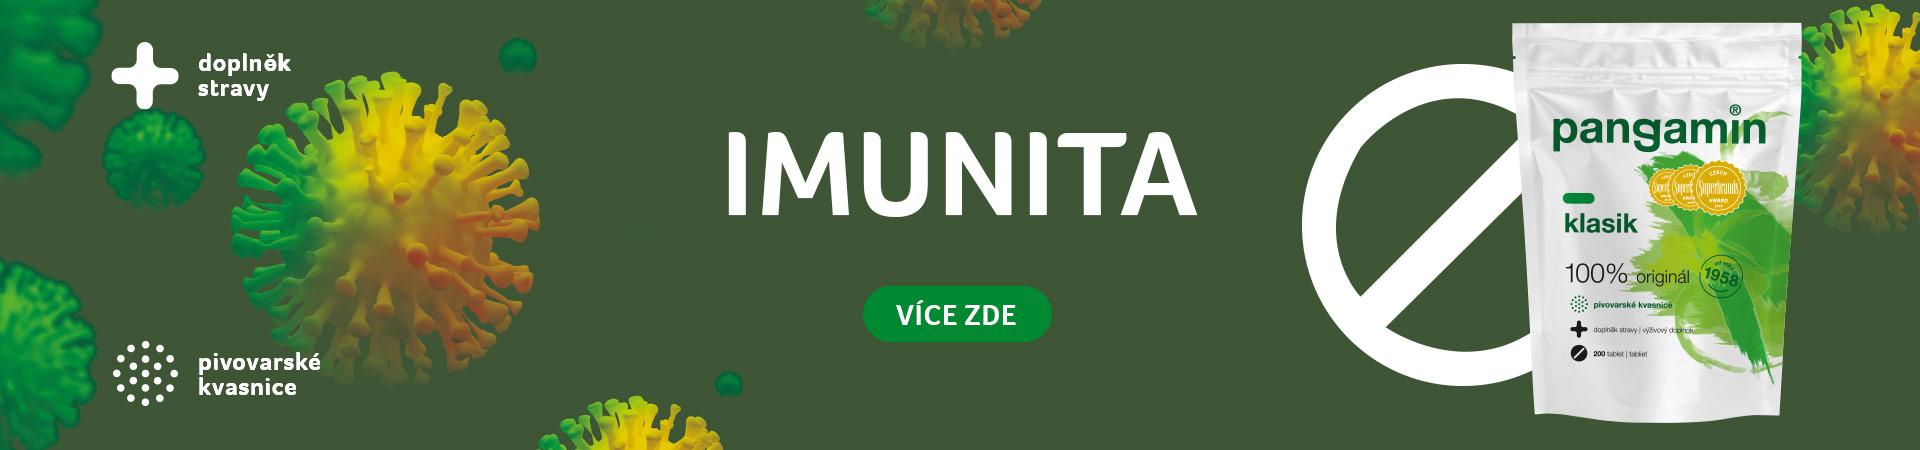 Imunita